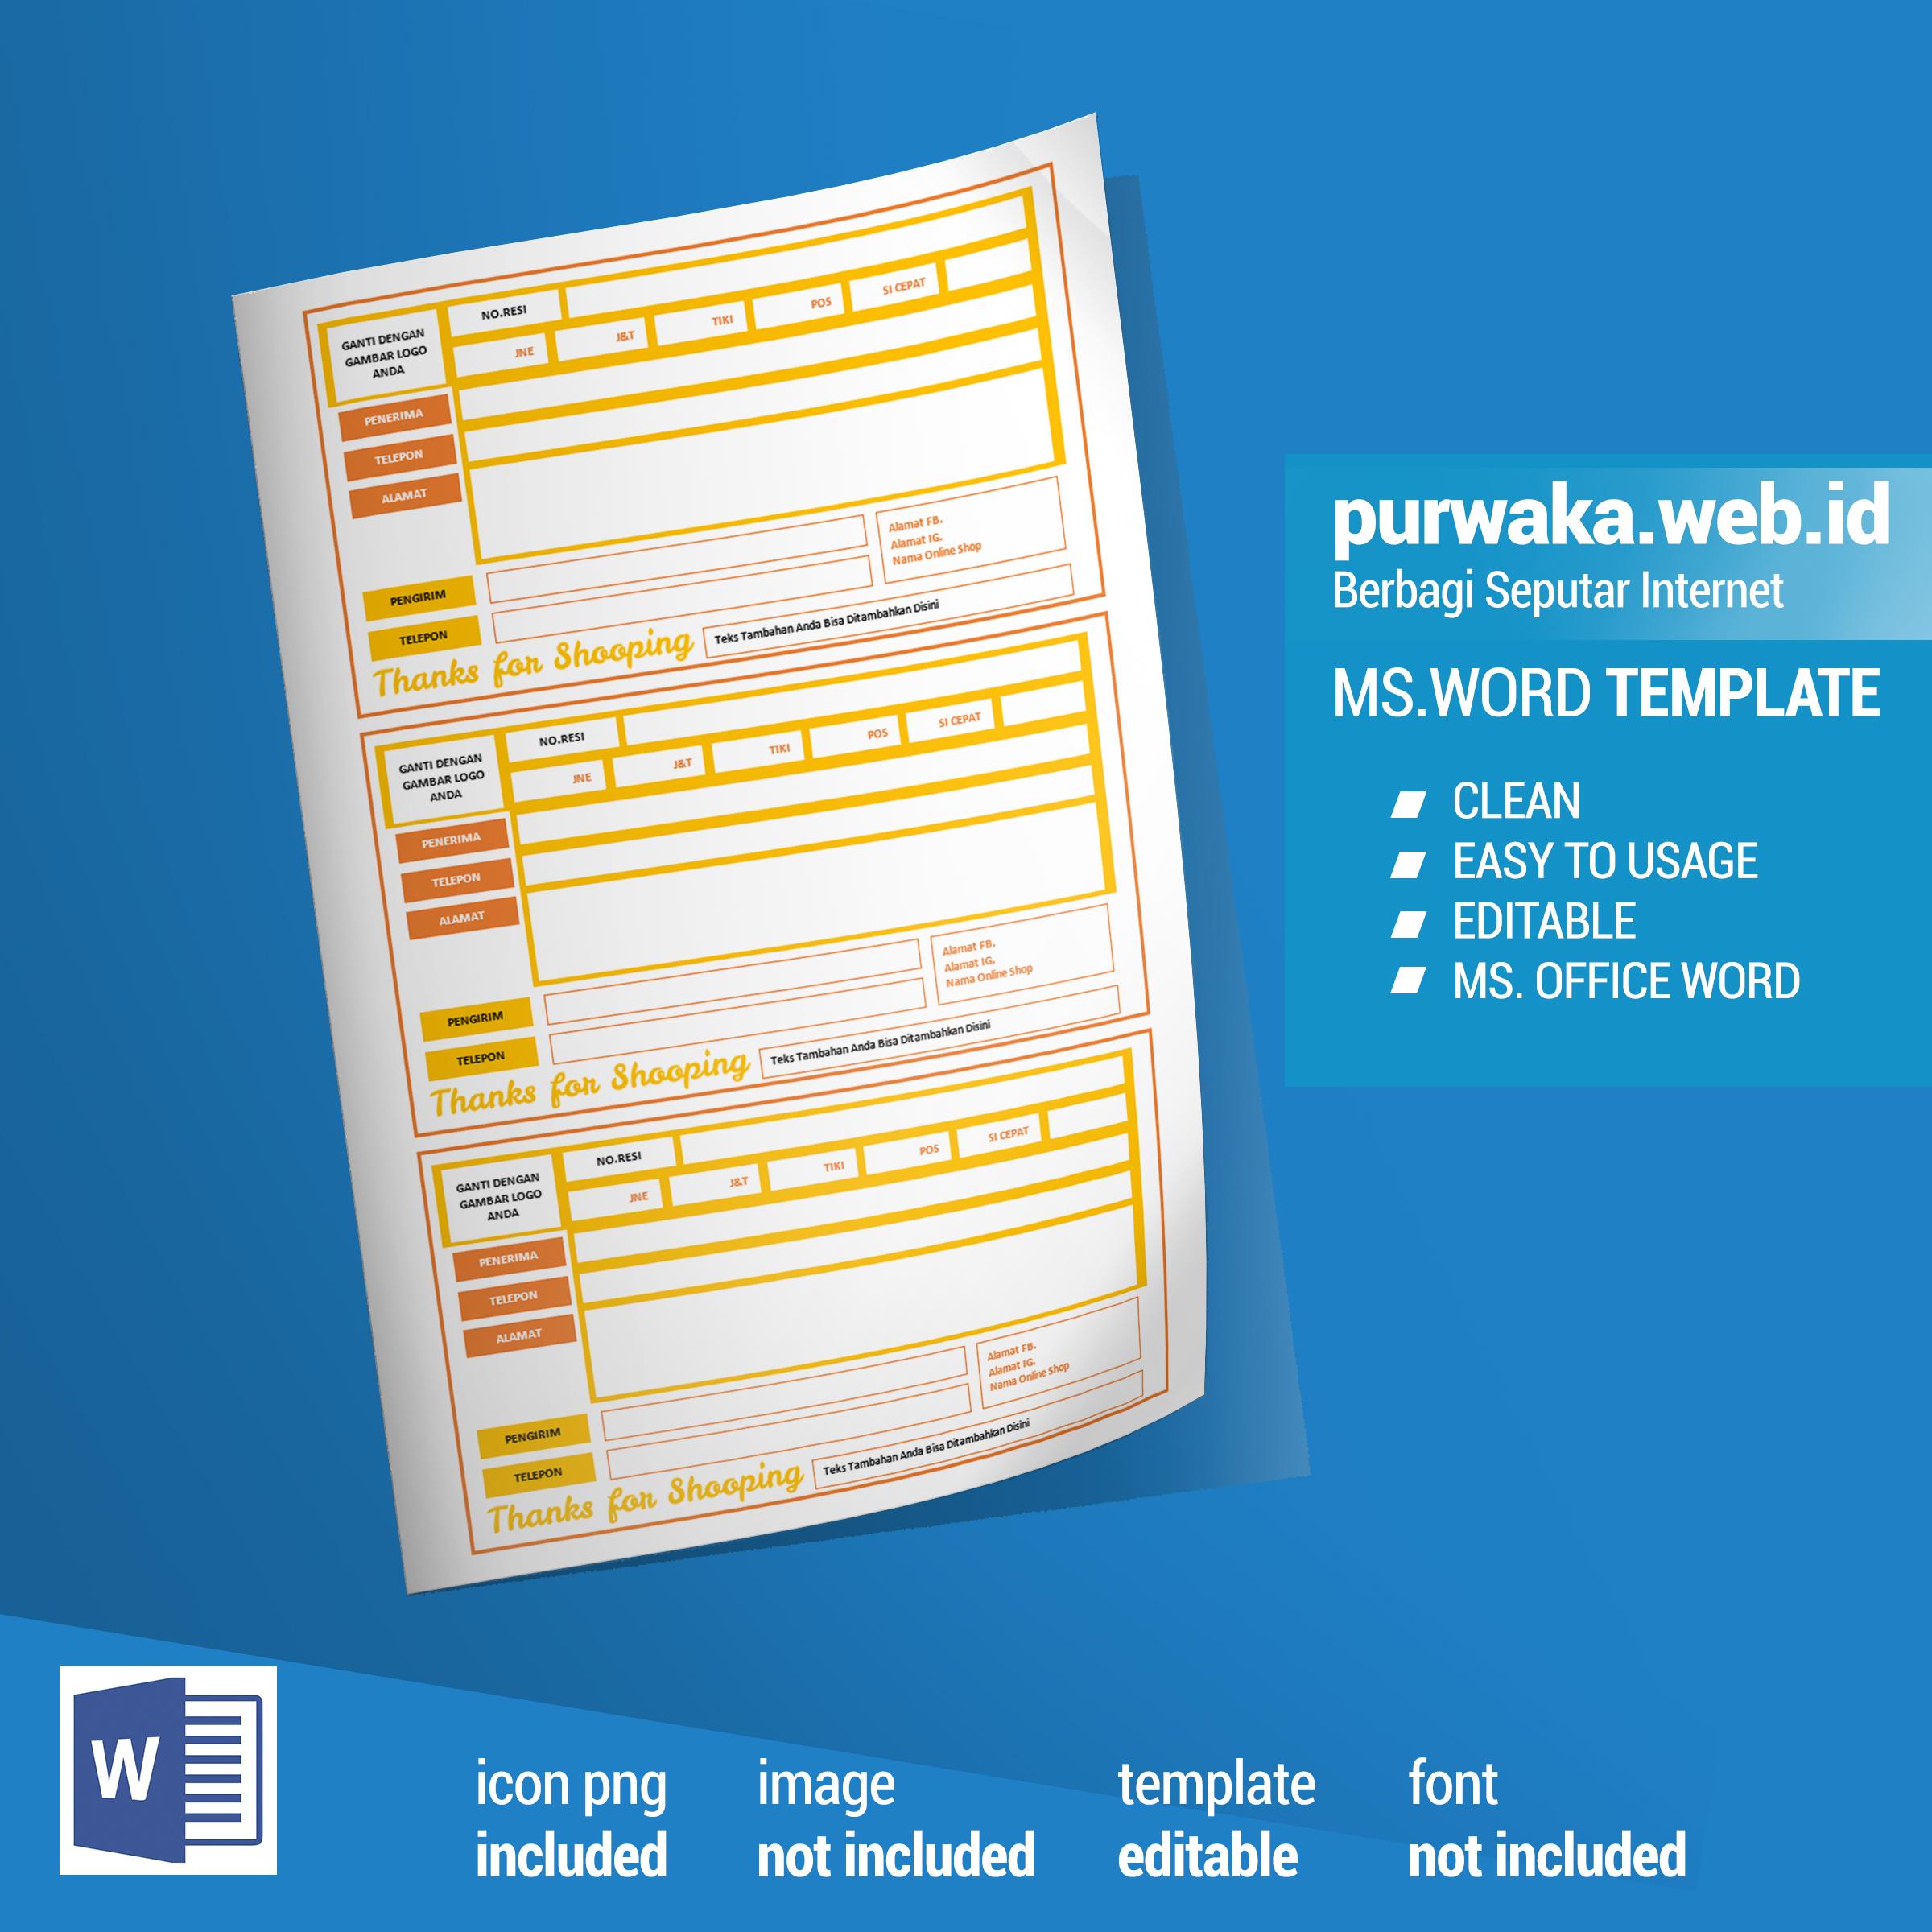 download template pengirim dan nomor resi siap edit ms word 20210706002